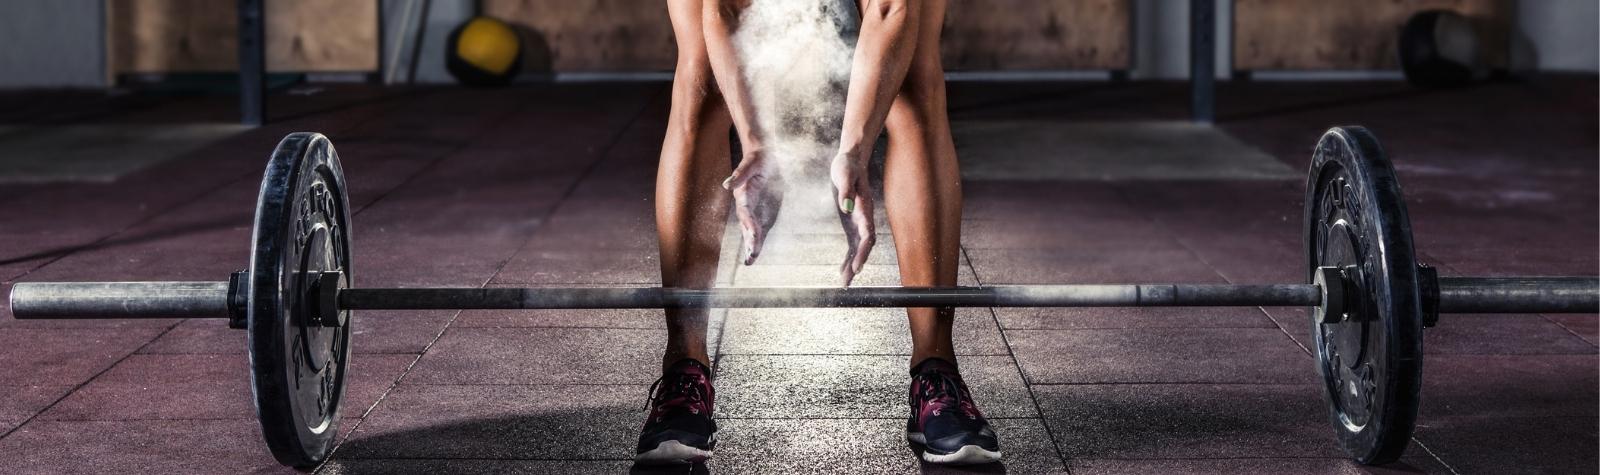 Training Styles – Cutting Vs Bulking